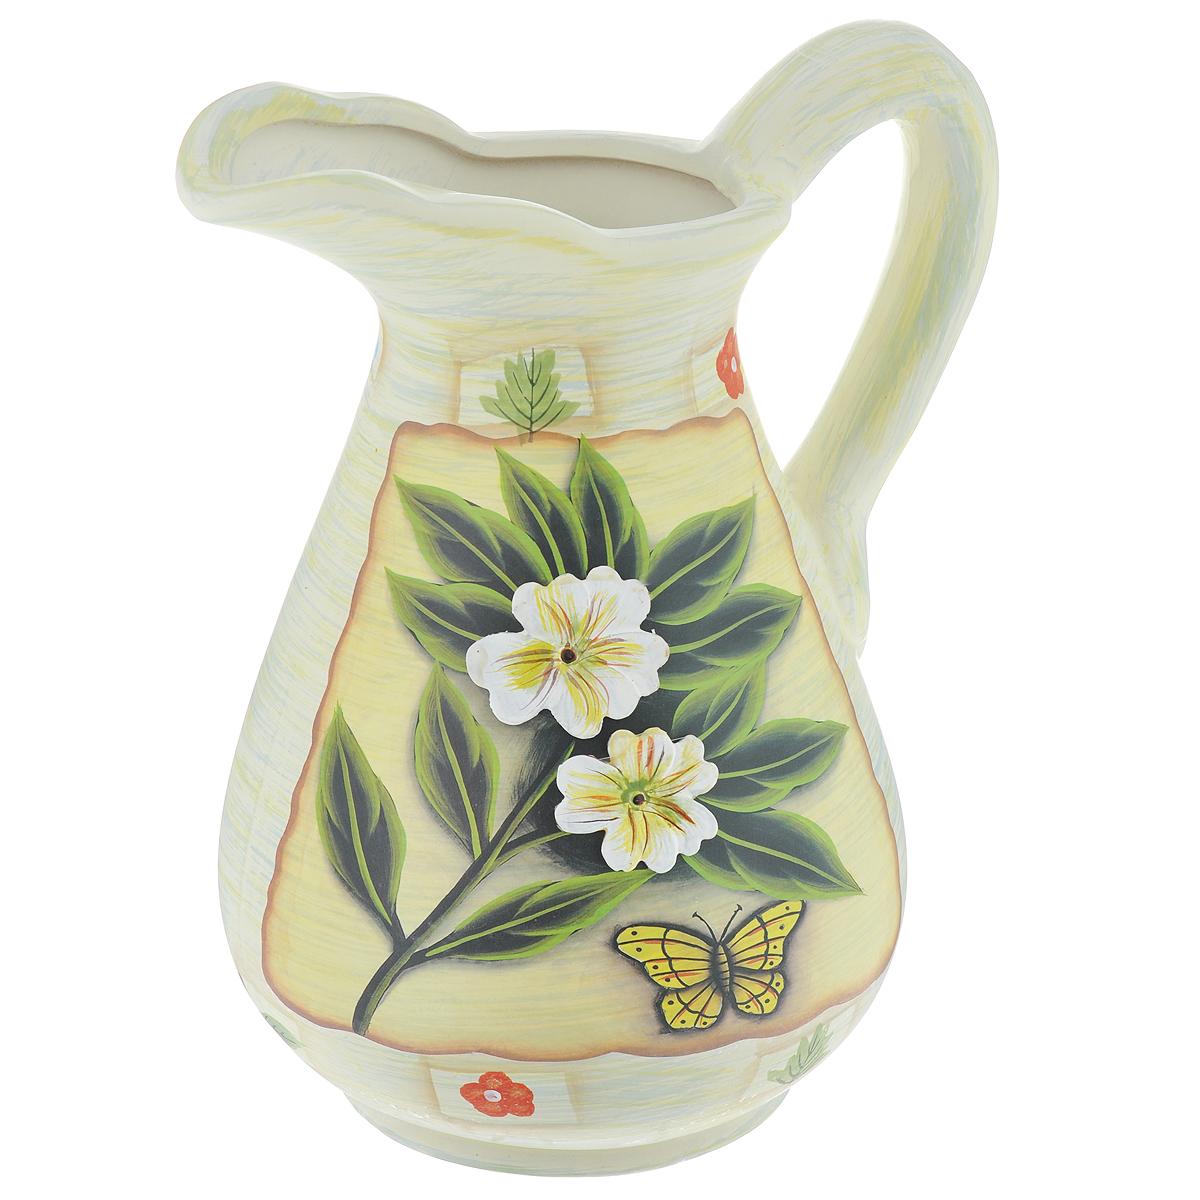 Ваза Lillo Цветы, высота 26 см920/80410/0/55809/245-109Элегантная ваза Lillo Цветы выполнена из высококачественной керамики в виде кувшина и декорирована рисунком и рельефом. Она придется по вкусу и ценителям классики, и тем, кто предпочитает утонченность и изящность. Вы можете поставить вазу в любом месте, где она будет удачно смотреться и радовать глаз. Такая ваза подойдет и для цветов, и для декора интерьера. Кроме того - это отличный вариант подарка для ваших близких и друзей. Высота вазы: 26 см.